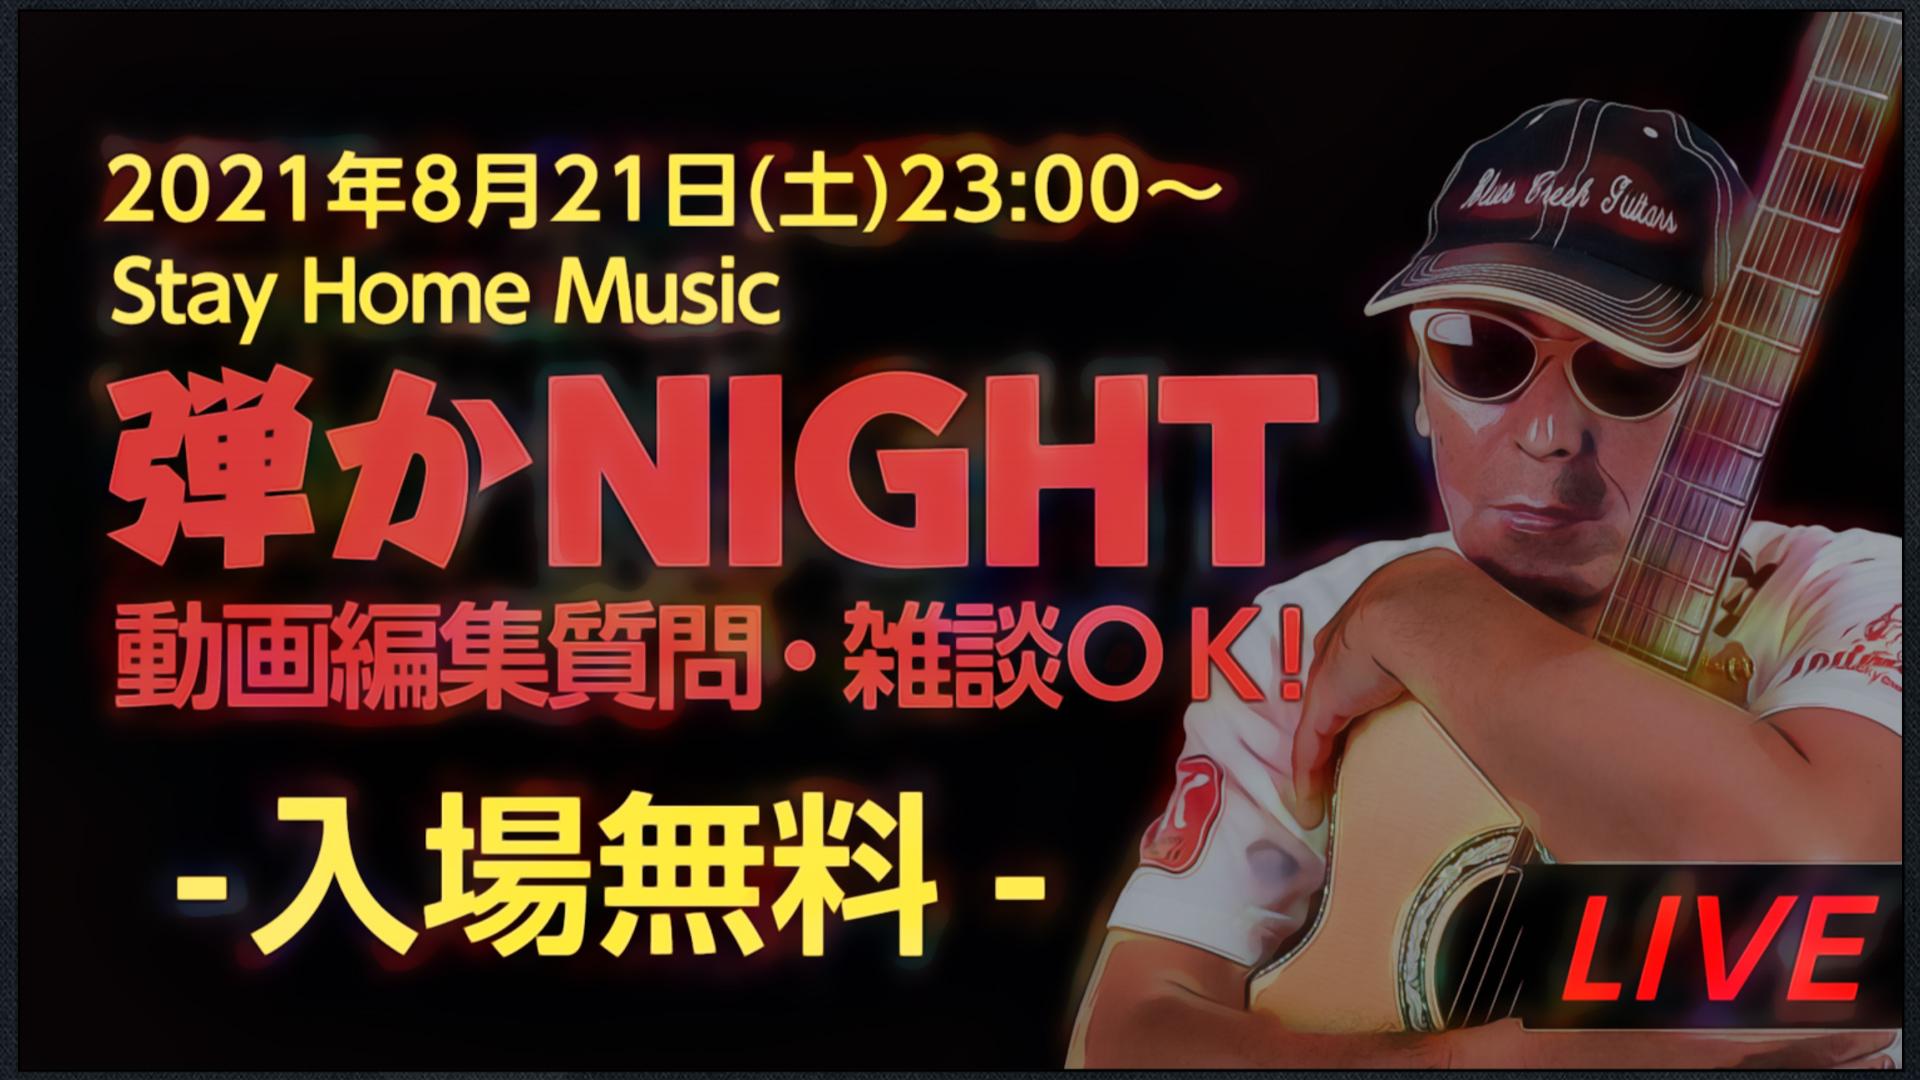 8月21日(土)23:00~Stay Home Music「弾かNIGHT」